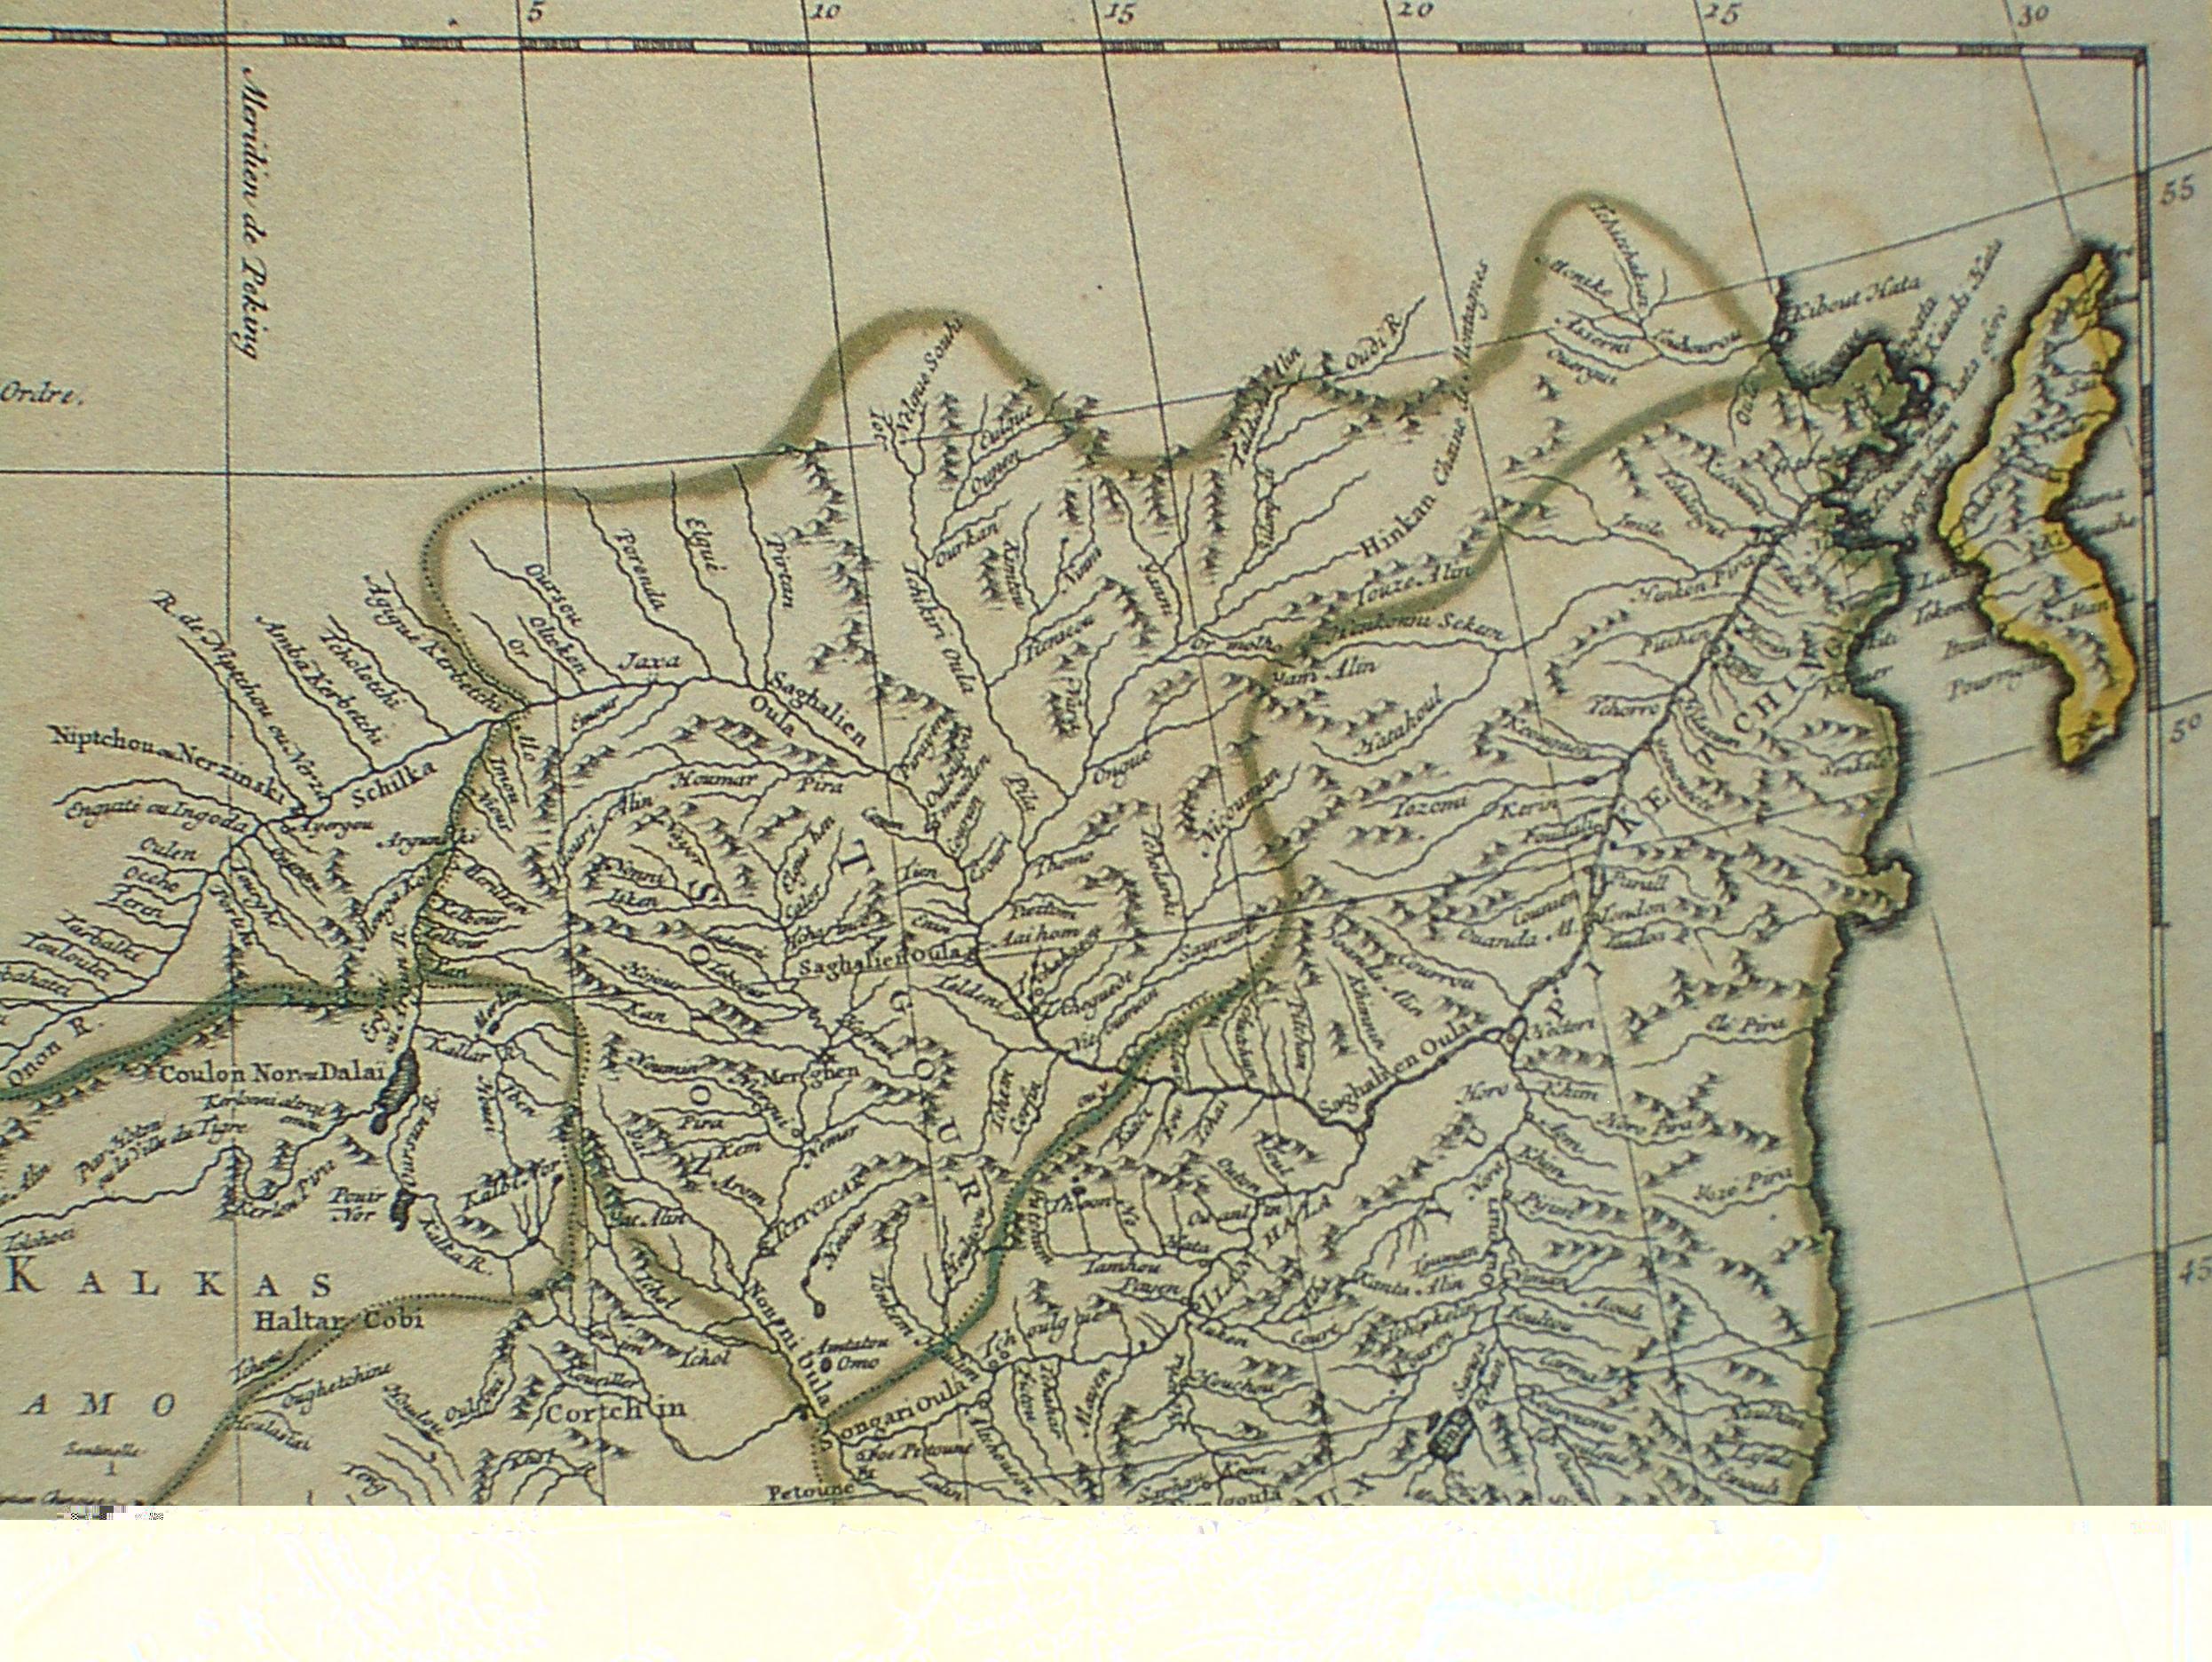 cem-44-la-chine-la-tartarie-chinoise-et-le-thibet-1734-amur-2572.jpg